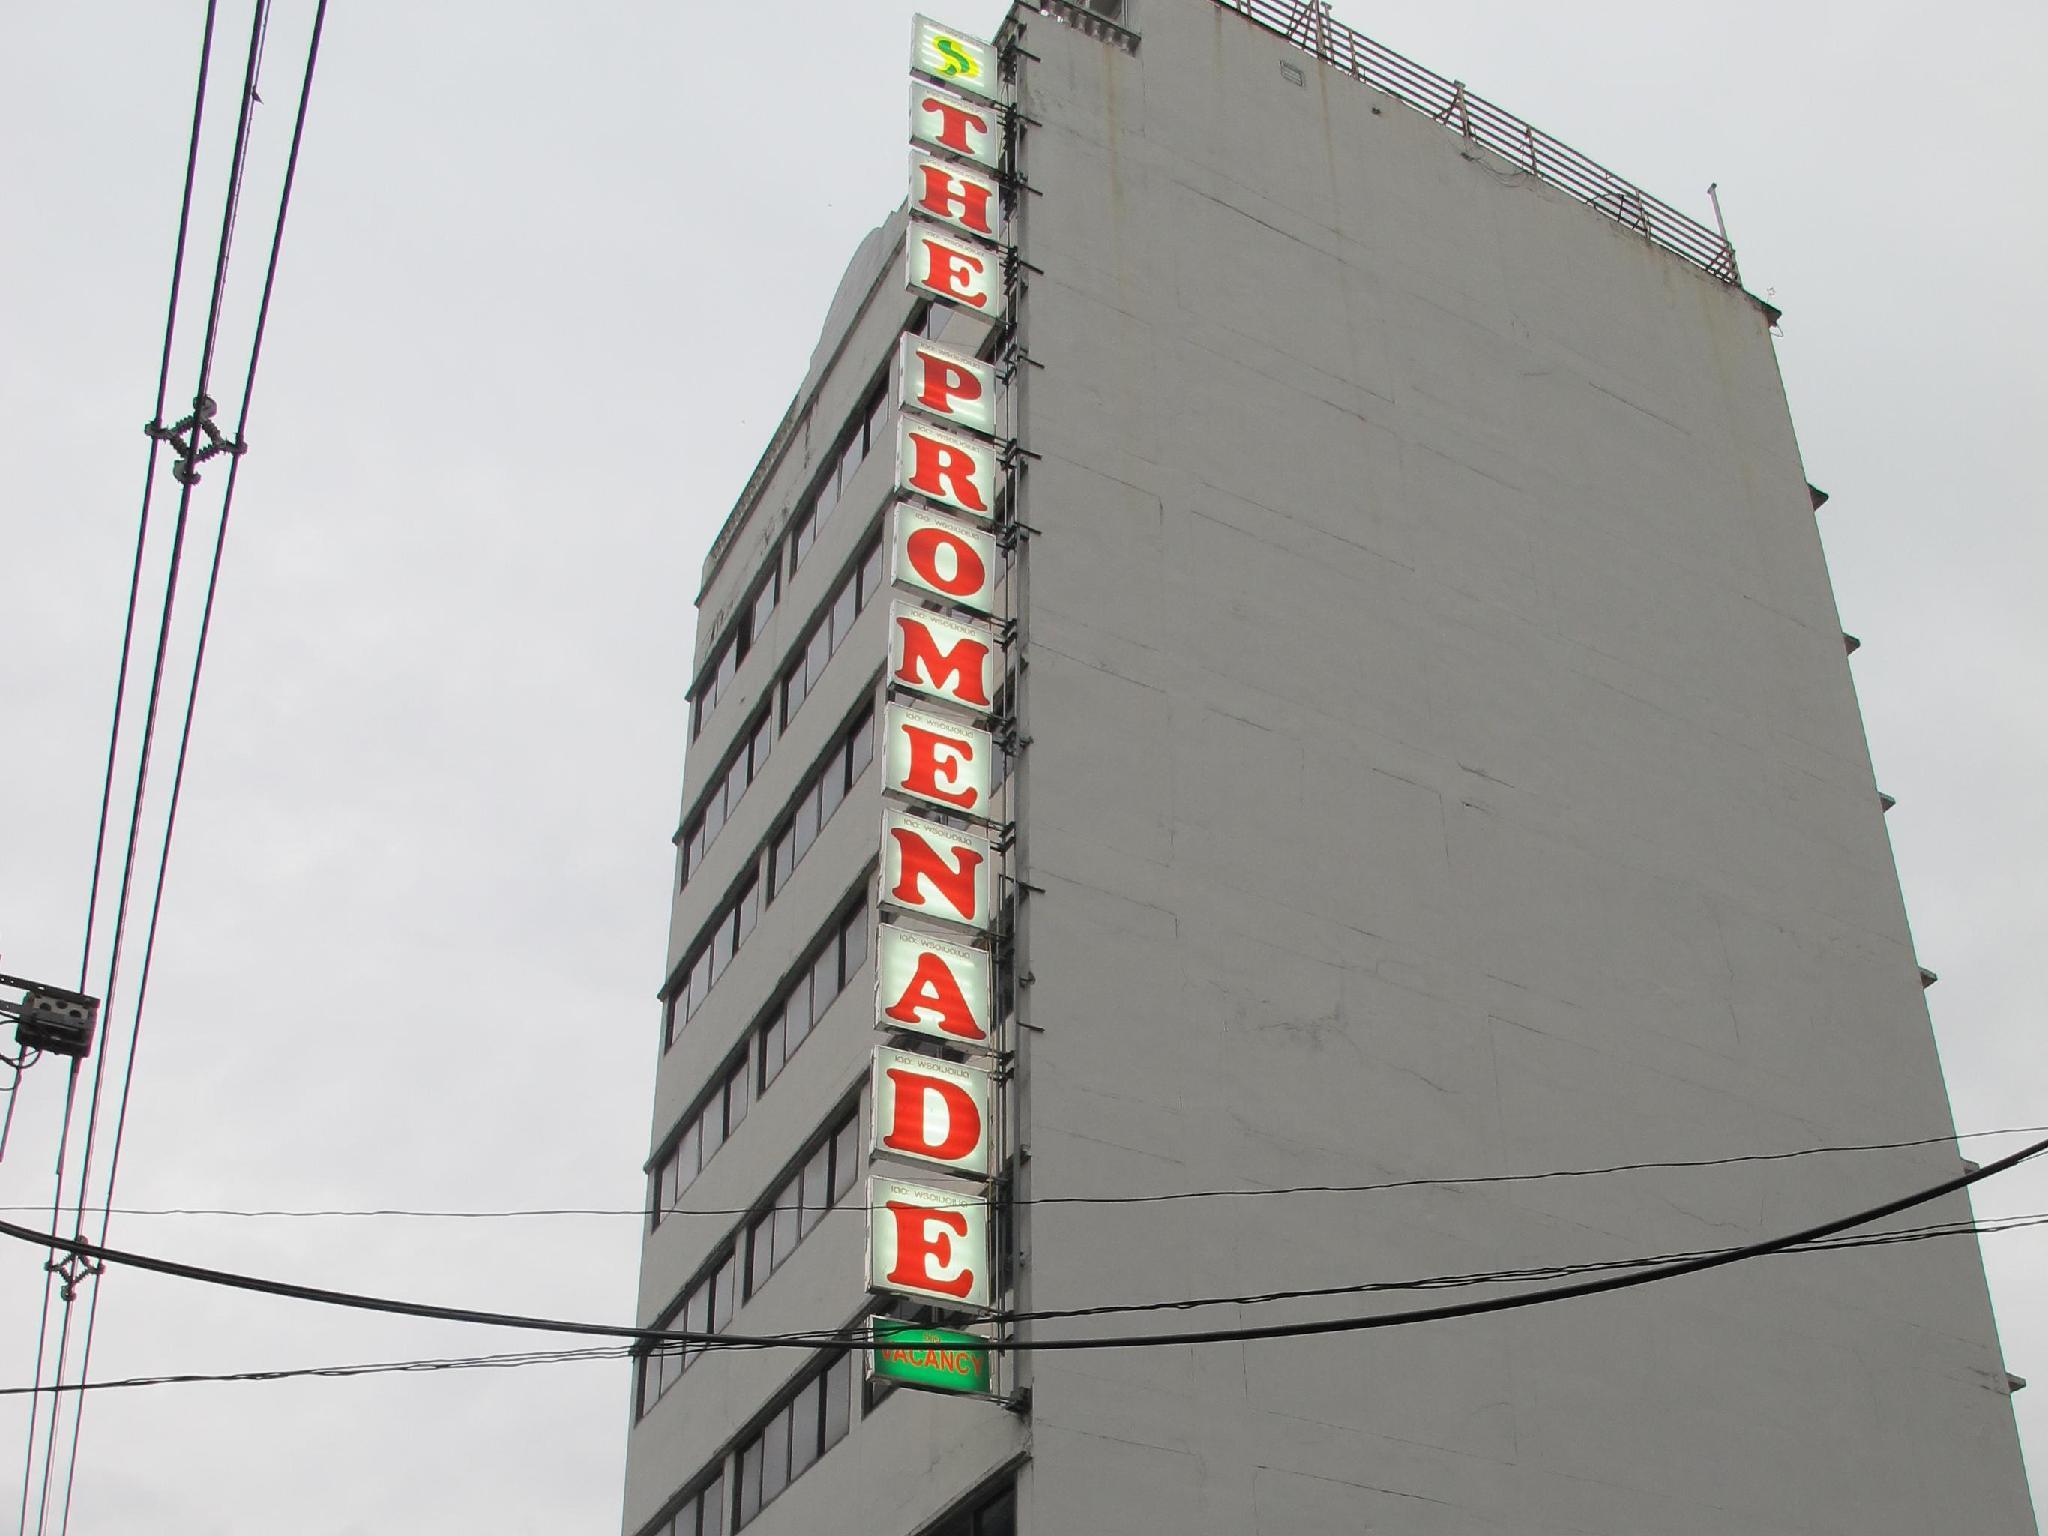 The Promenade Hotel